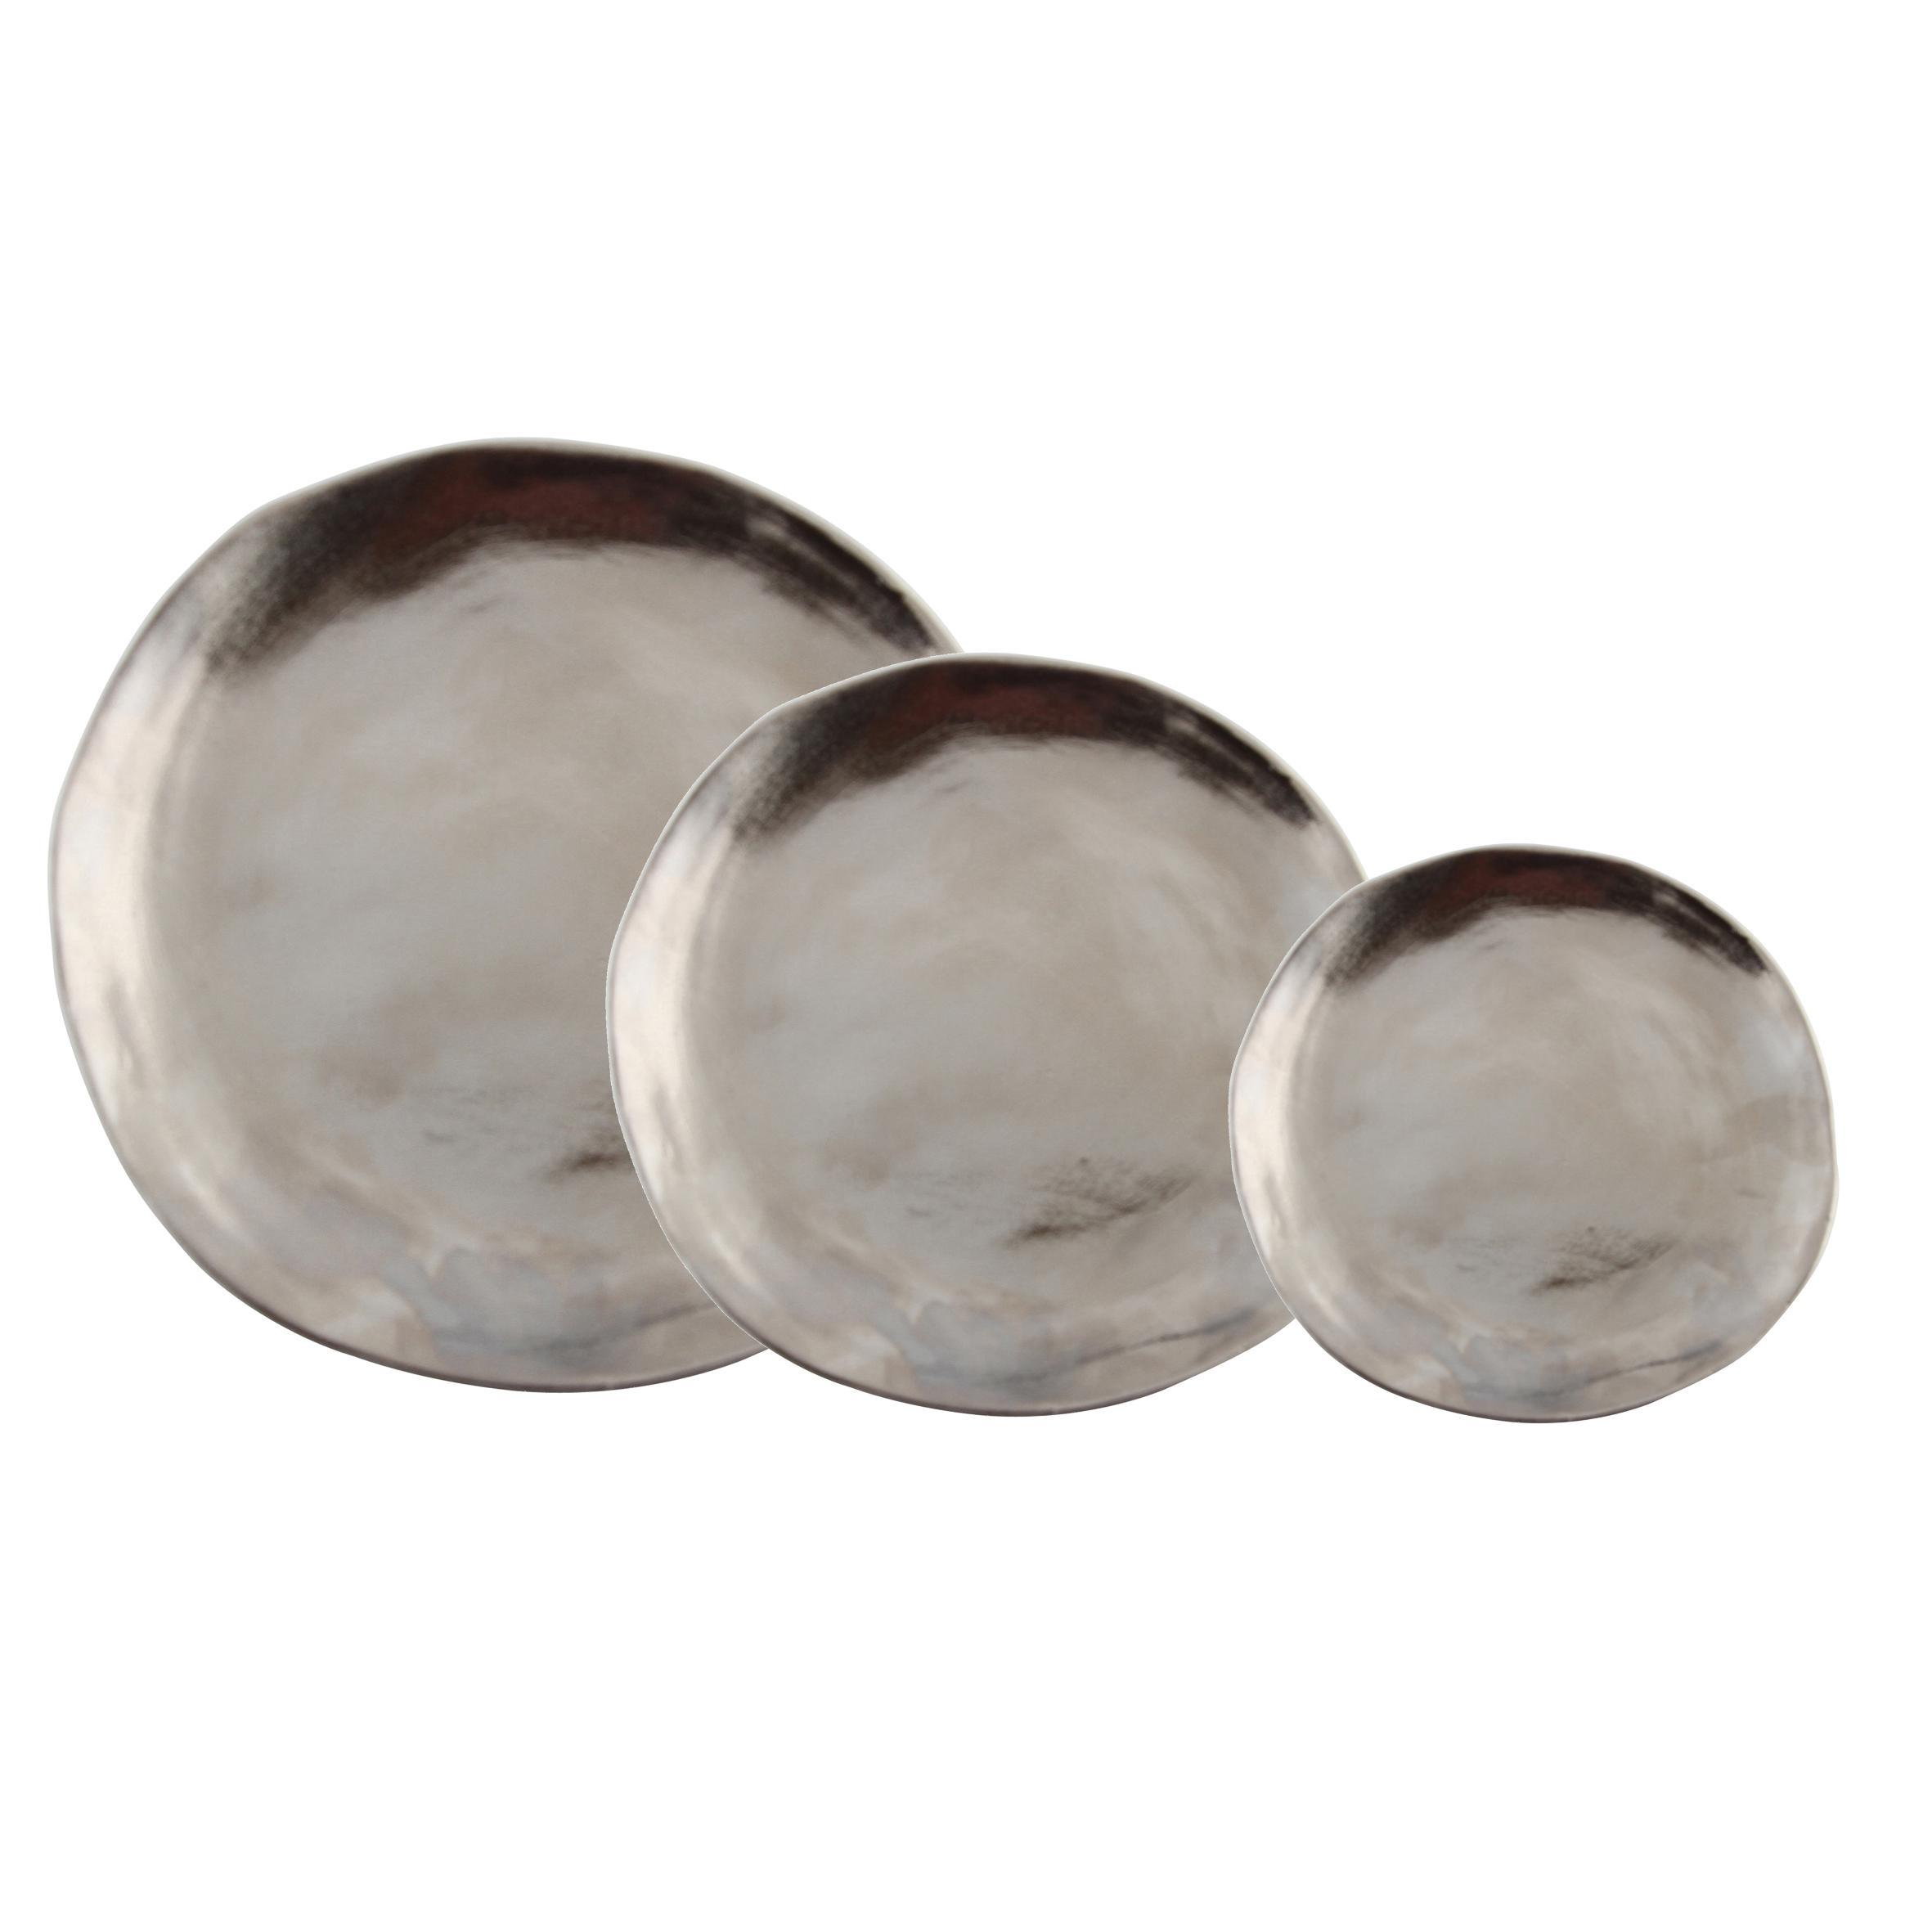 Vajilla Imperfect, 3pzas., Porcelana, recubierto, Plateado, Tamaños diferentes